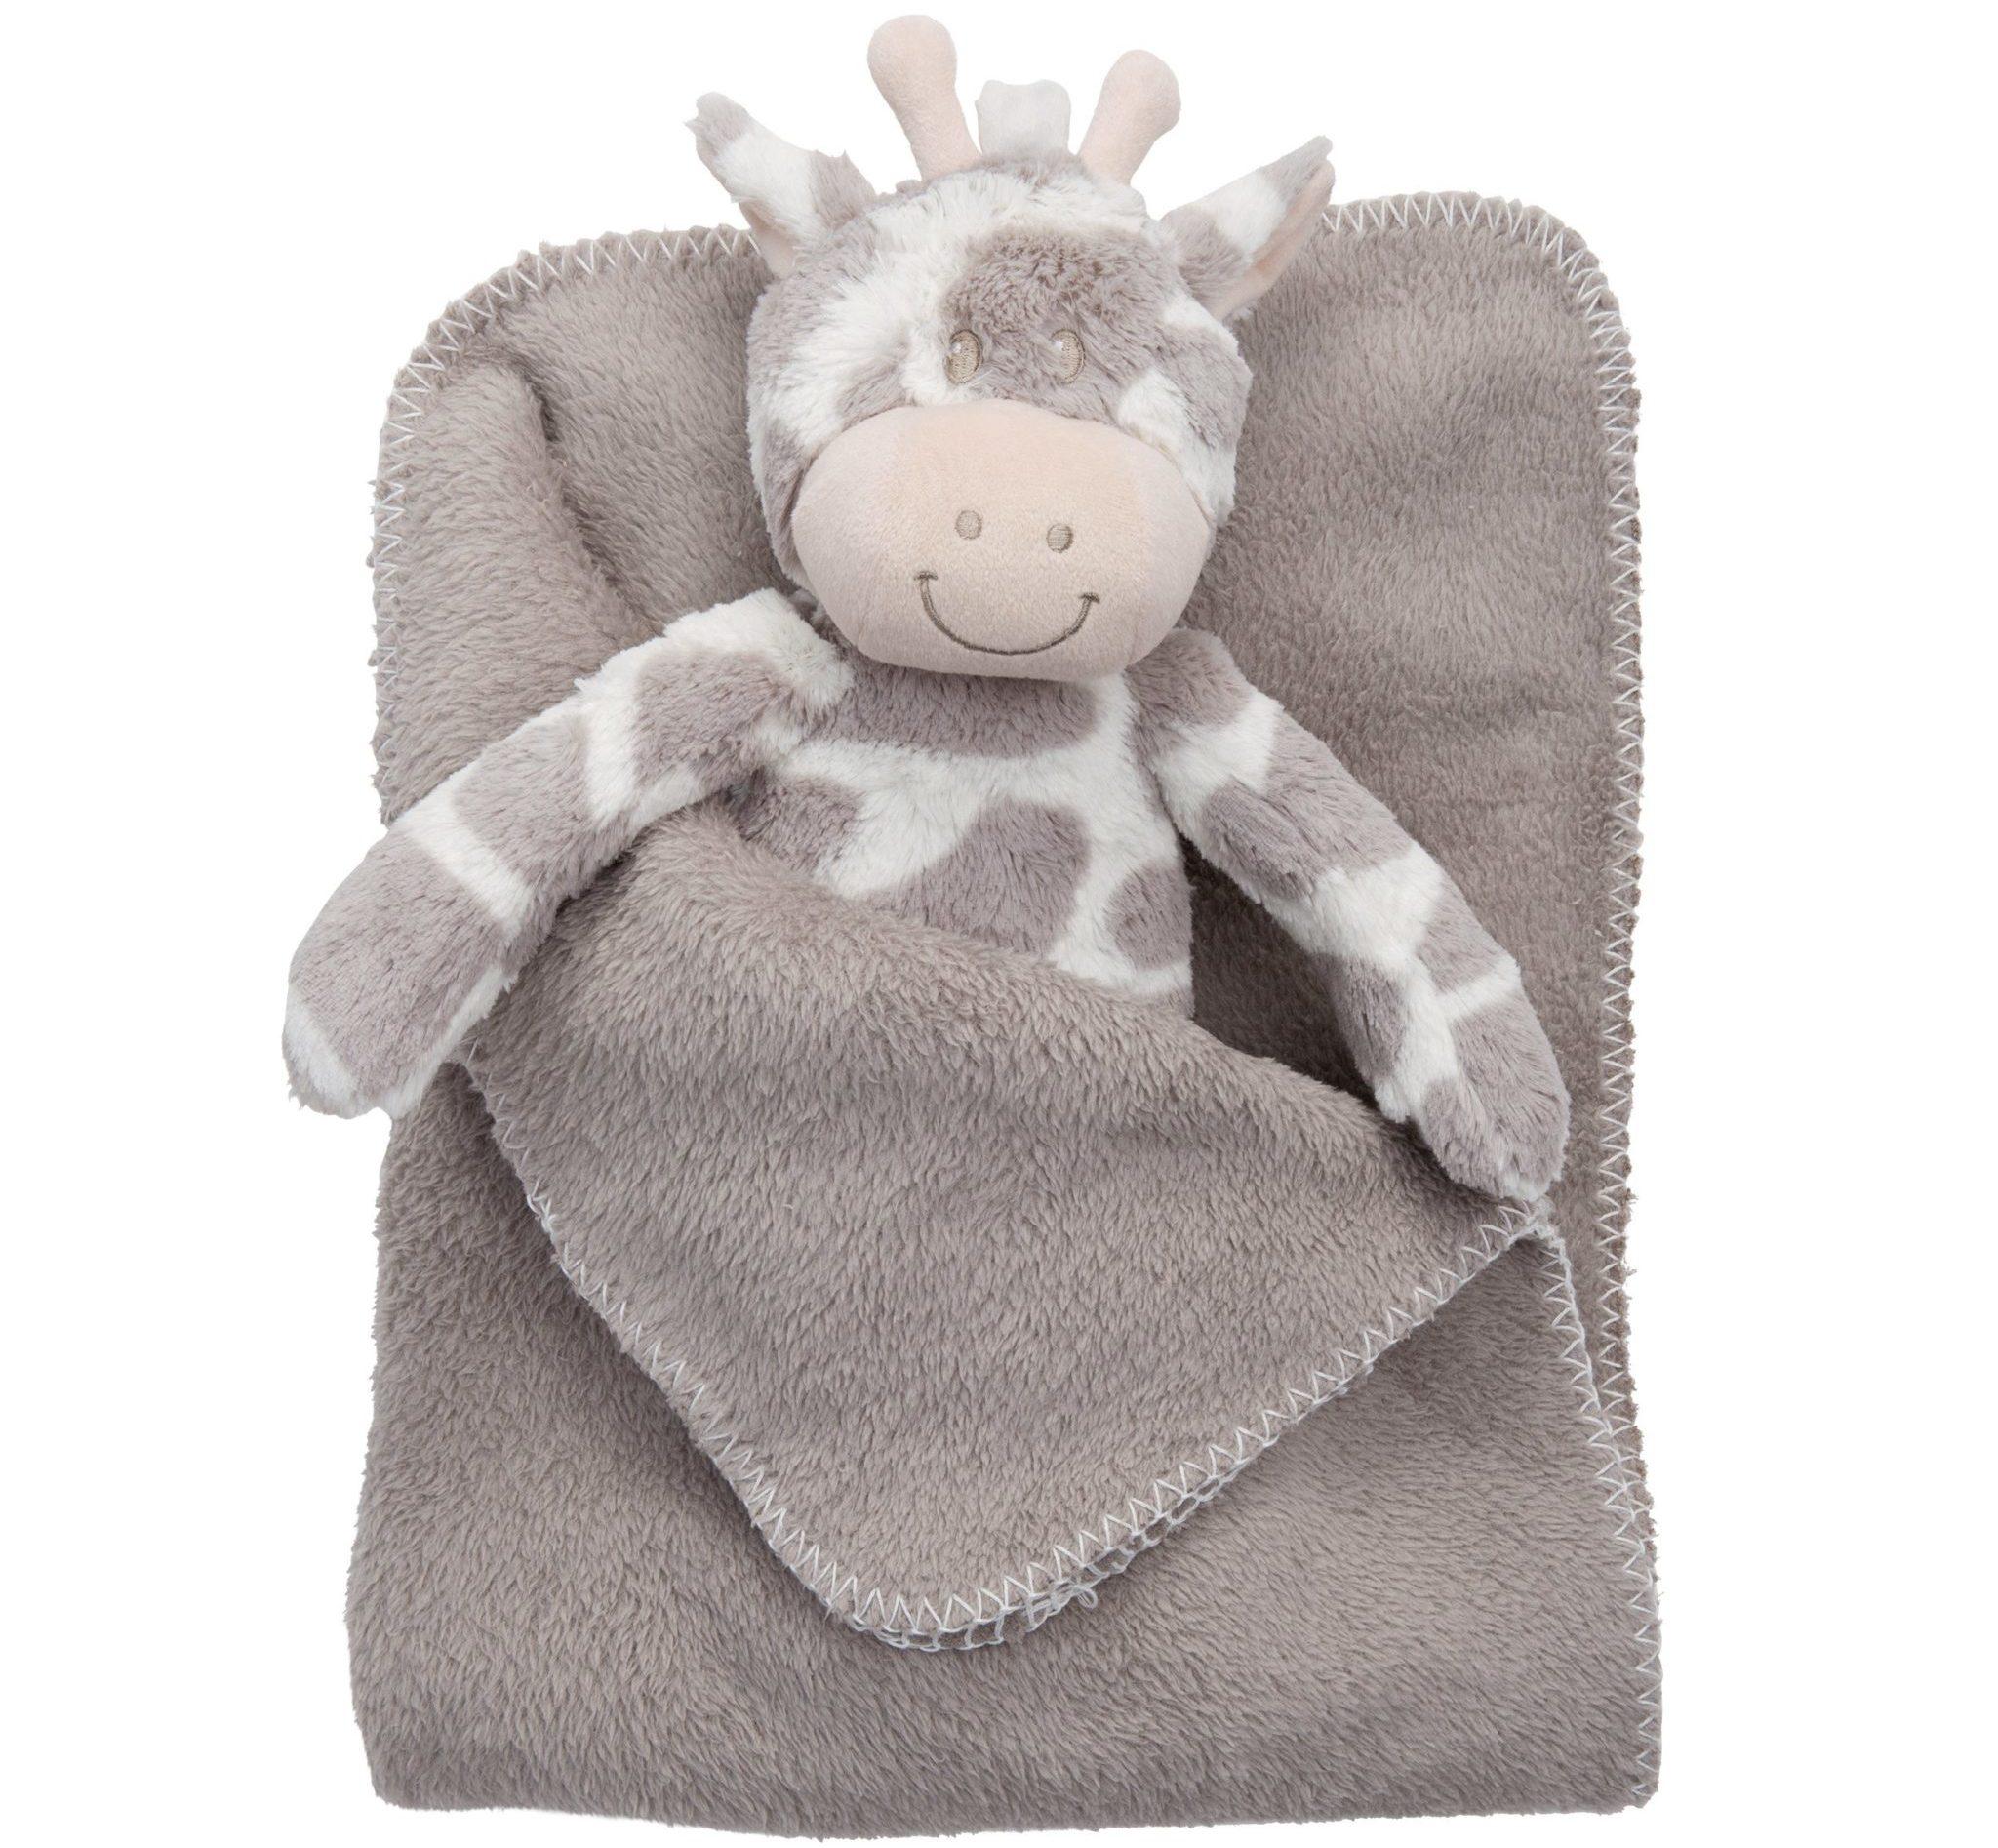 Giraffe Bedtime Huggie - The Project Nursery Shop